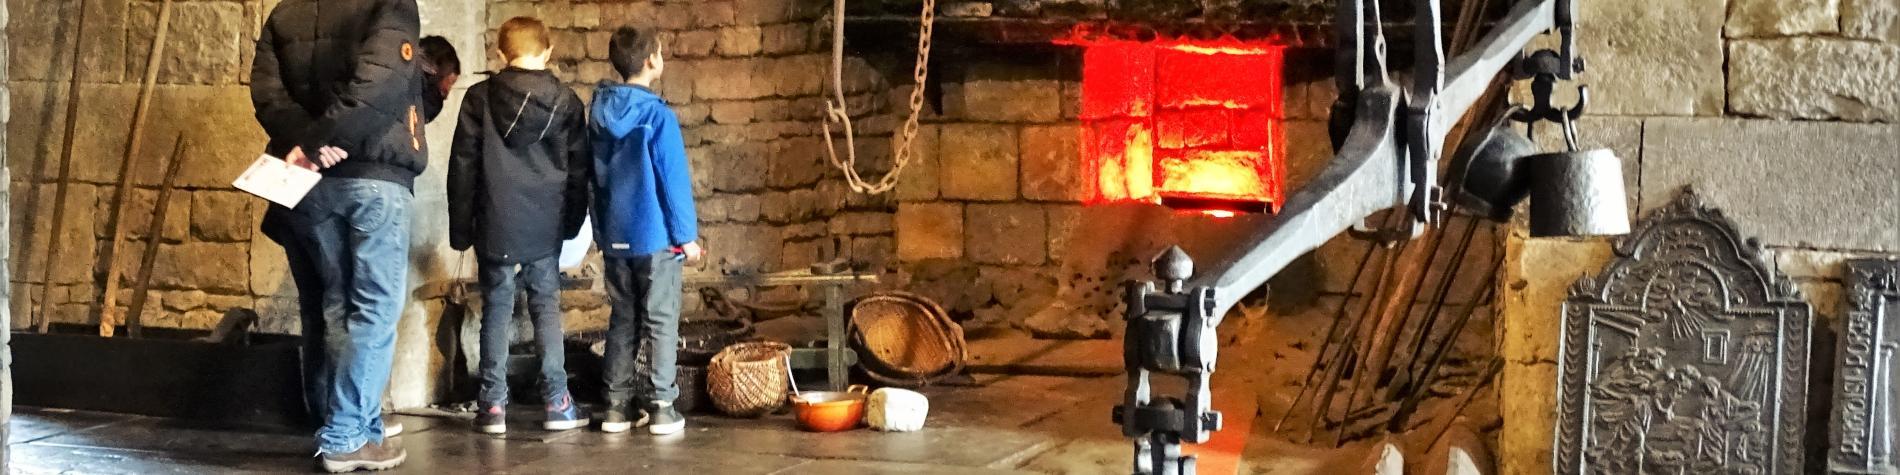 Musée de la métallurgie et de l'industrie - MMIL - Liège - Visites en famille